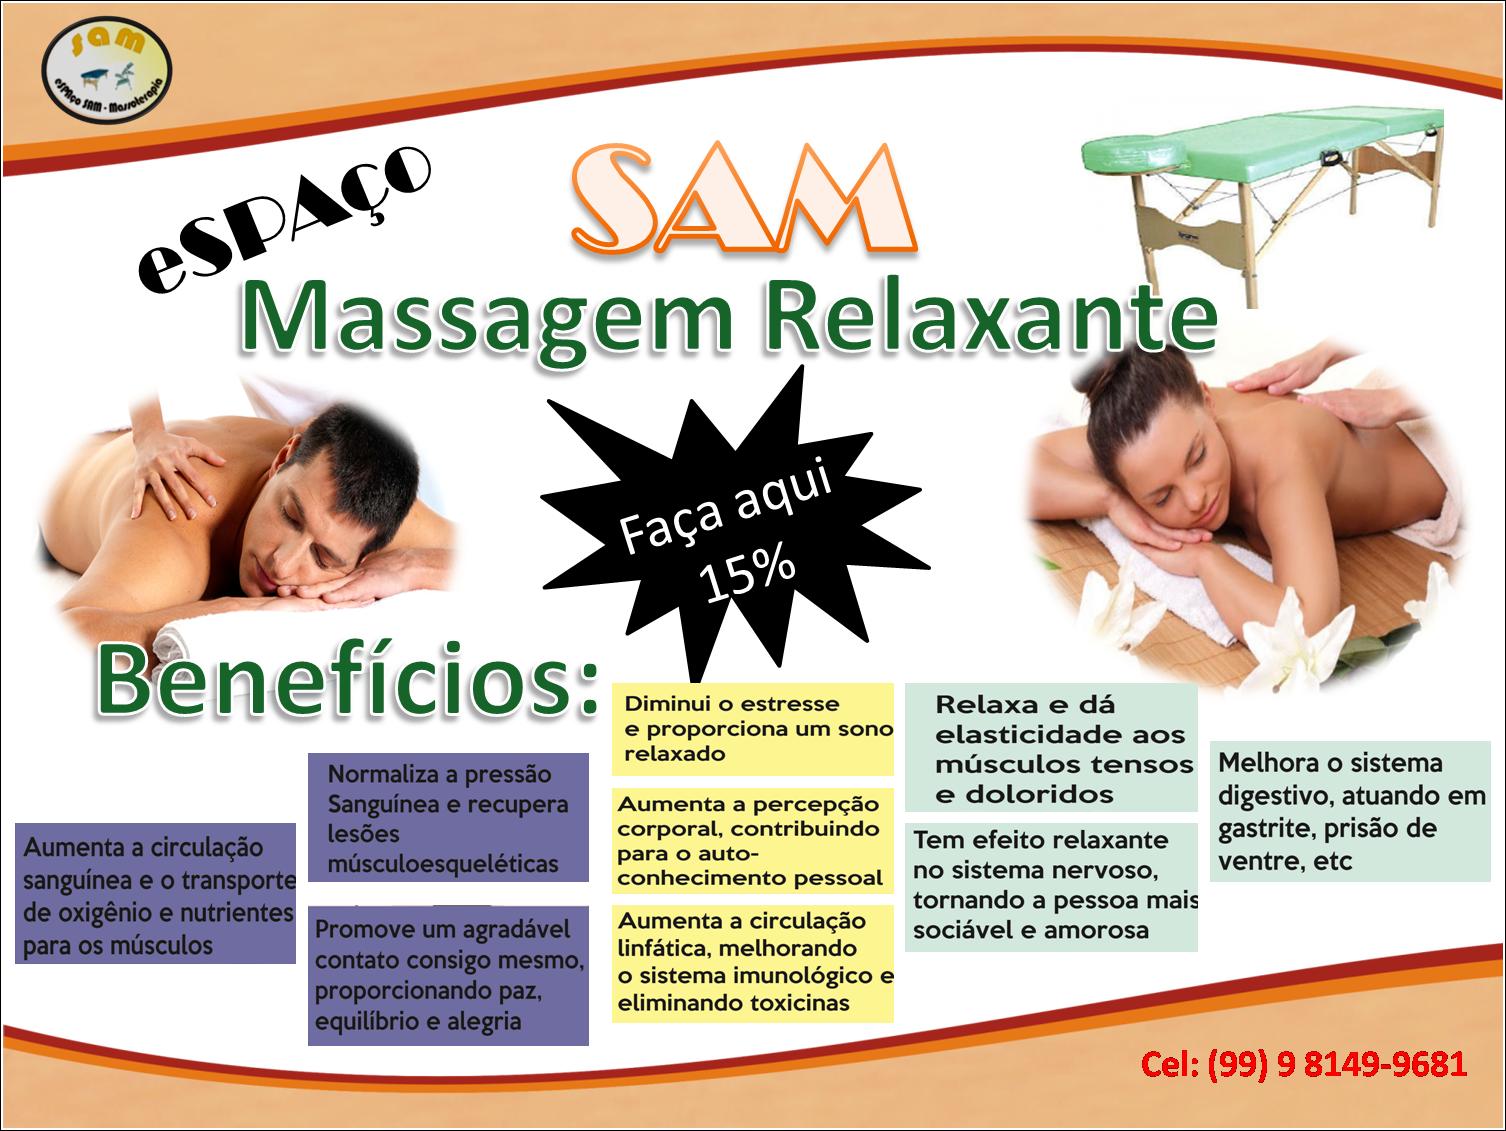 Marque já uma massagem relaxante aqui